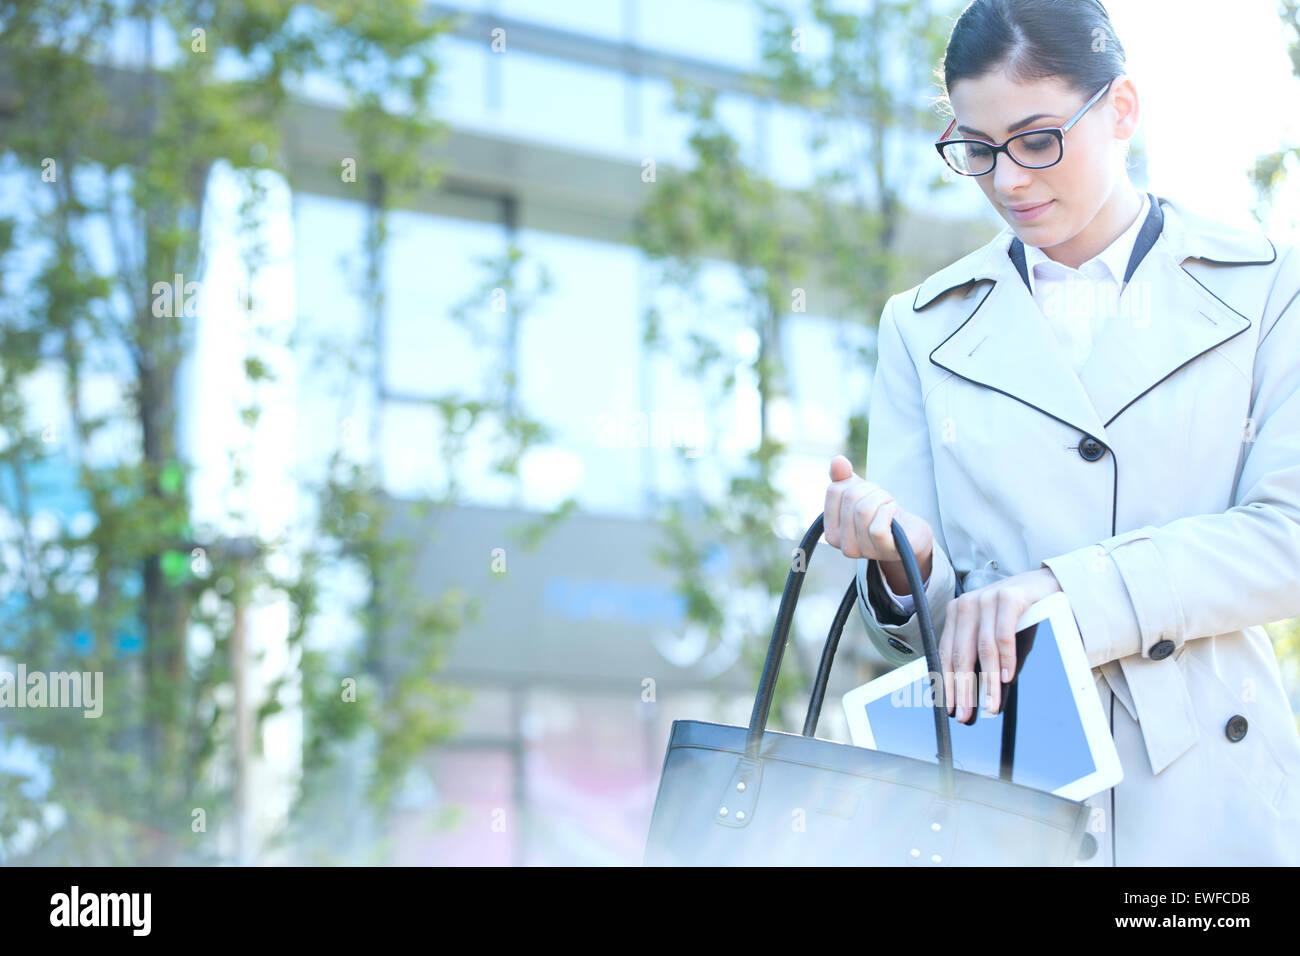 La empresaria poniendo en tableta digital bolso afuera Imagen De Stock